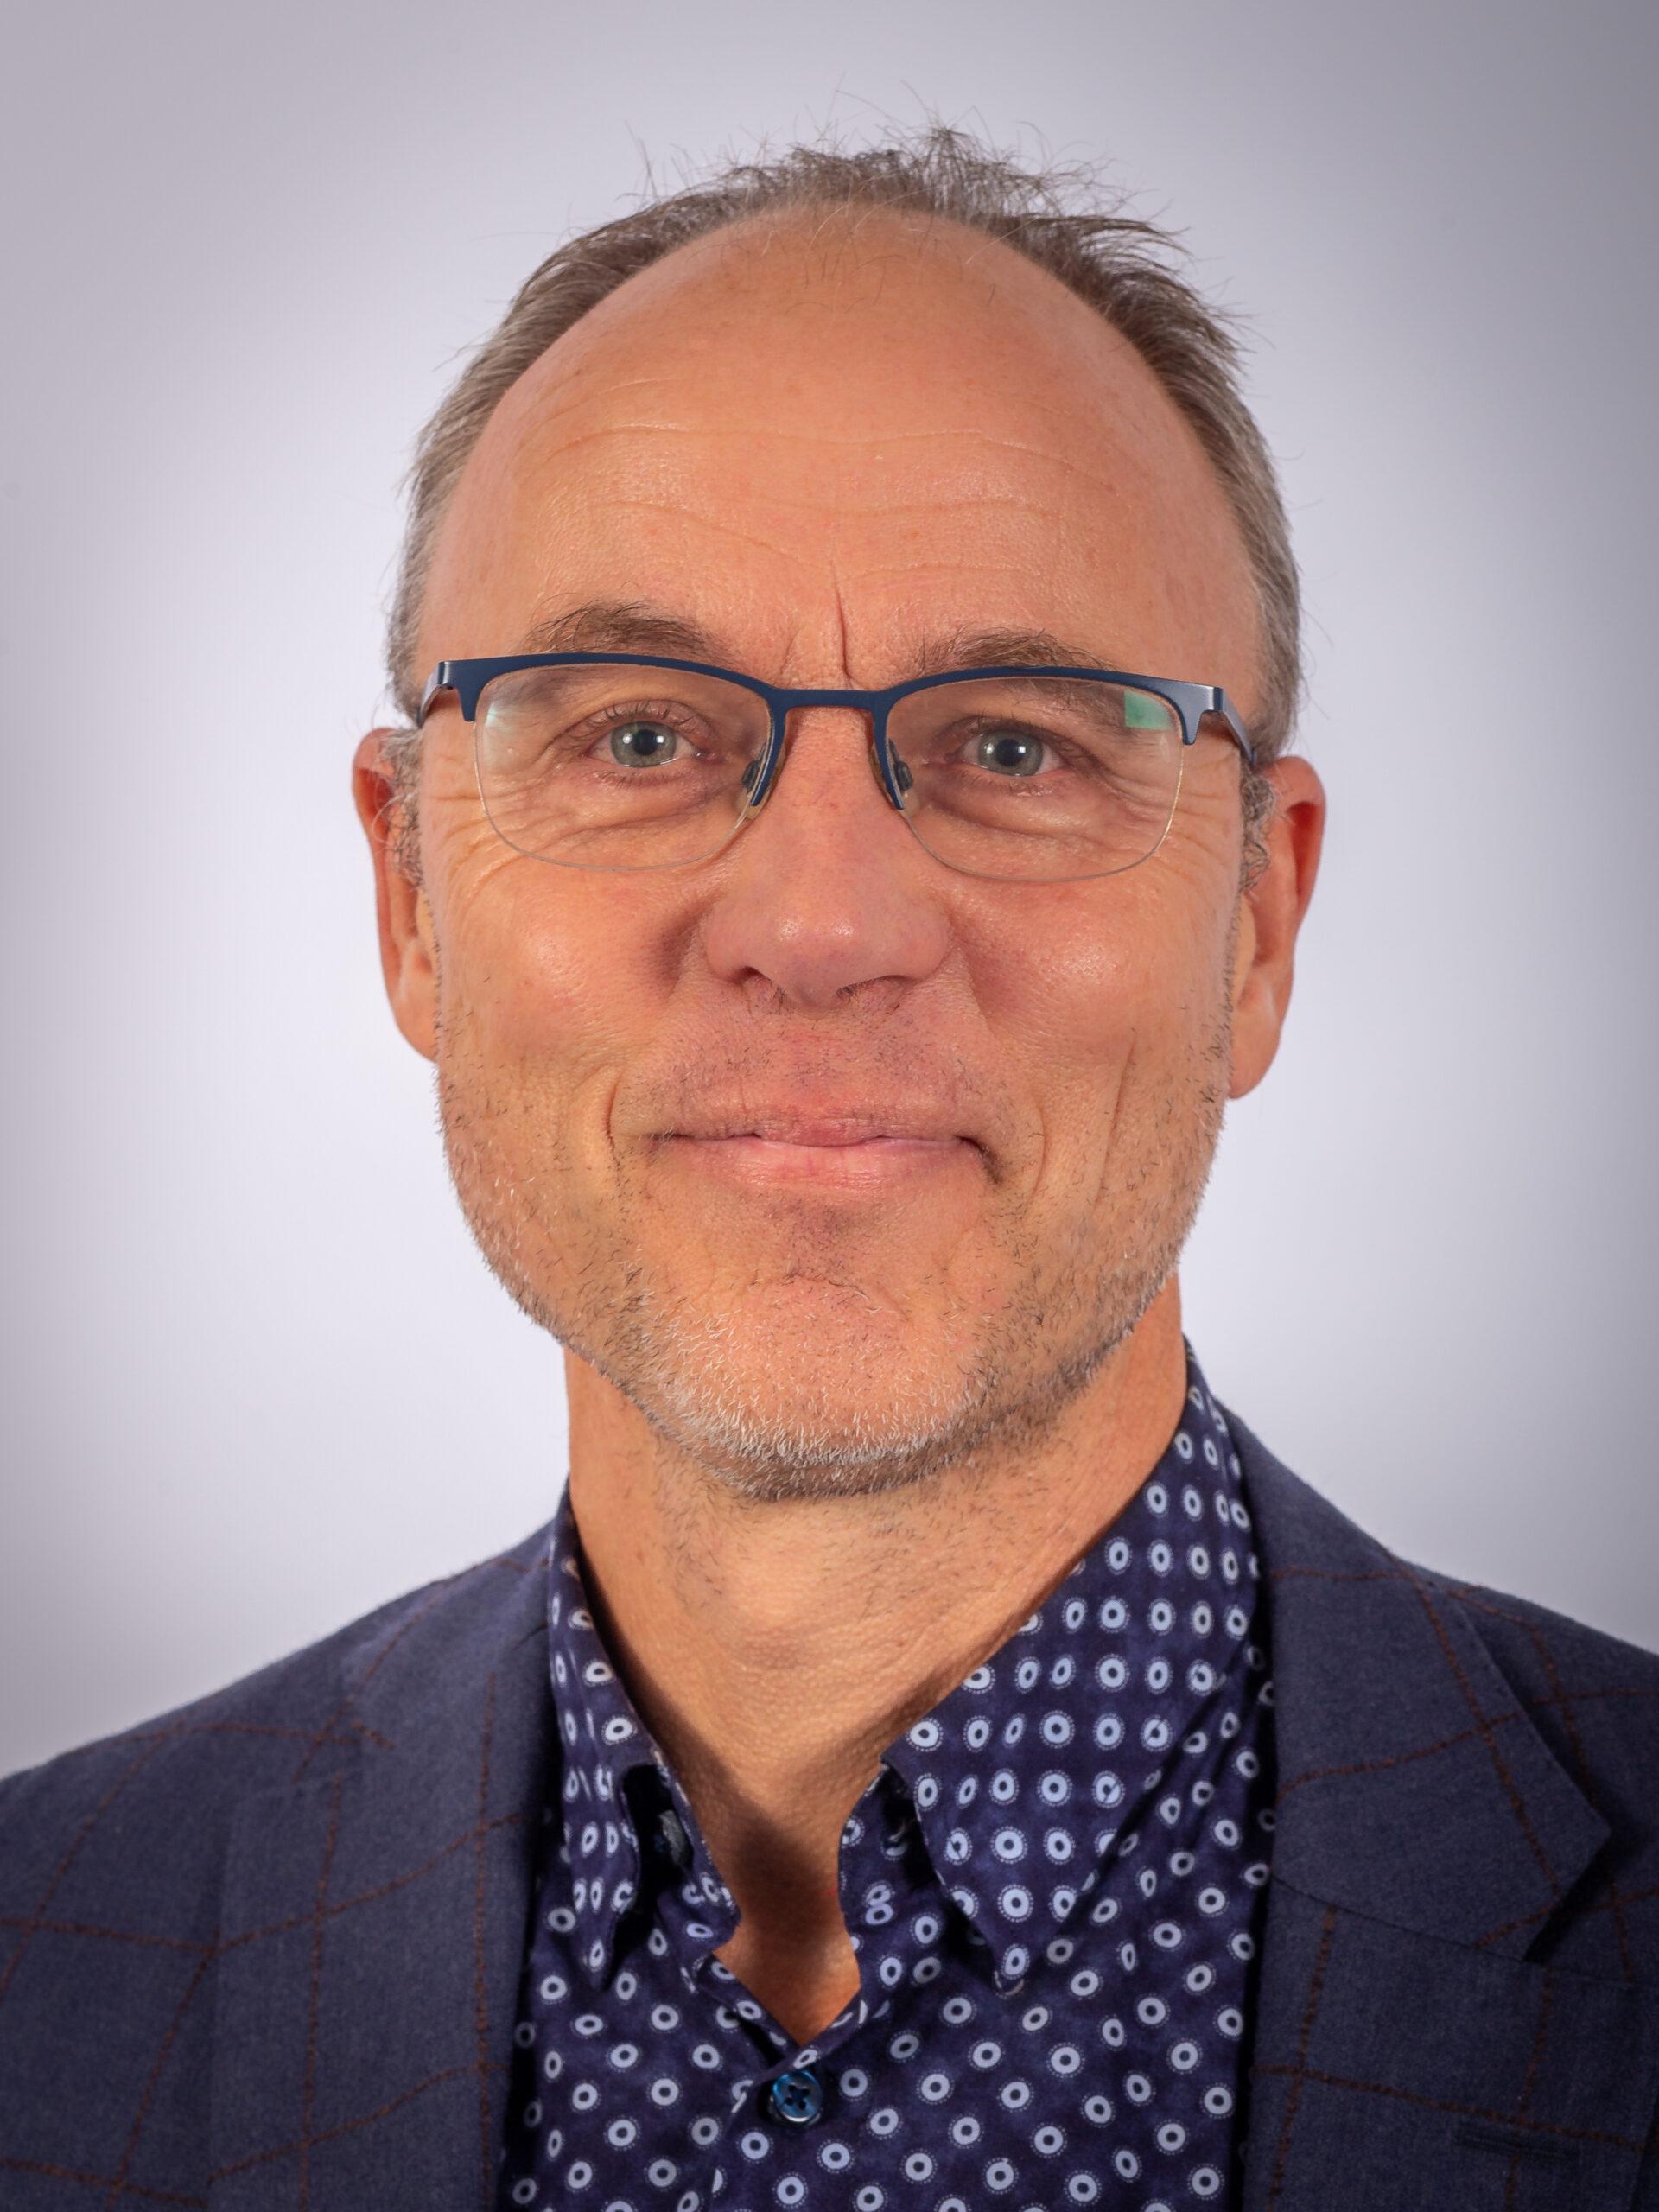 Membre du conseil d'administration Yep Foundation Pays-Bas